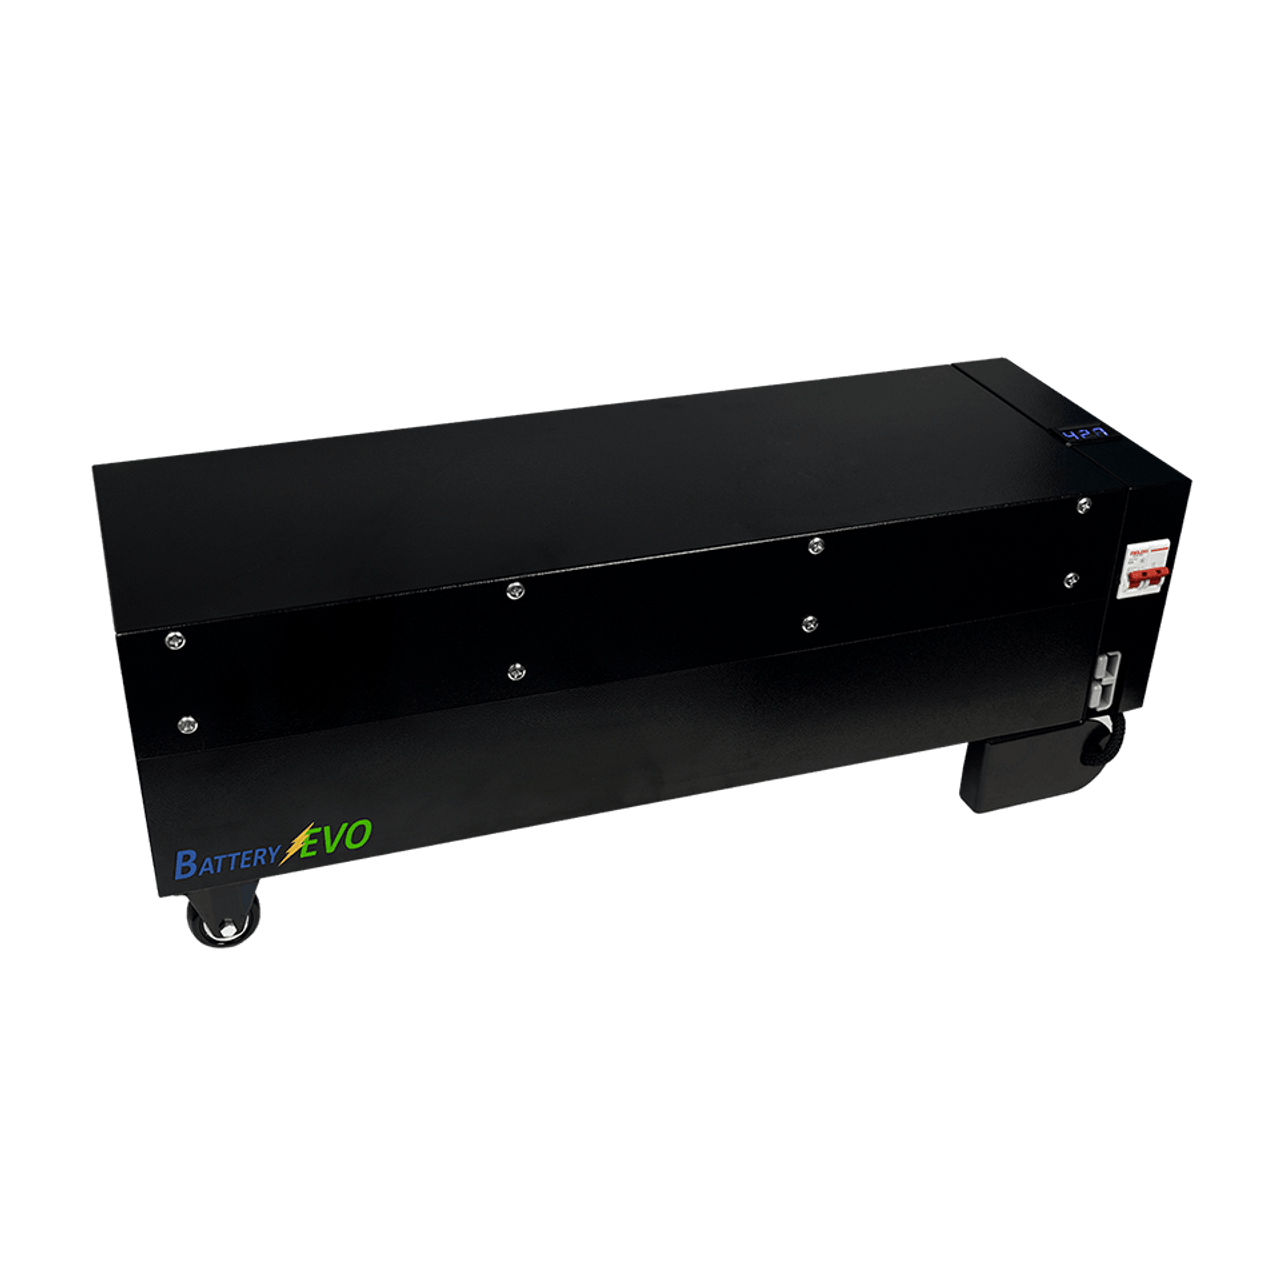 48V 120Ah 5 kWh LiFePO4